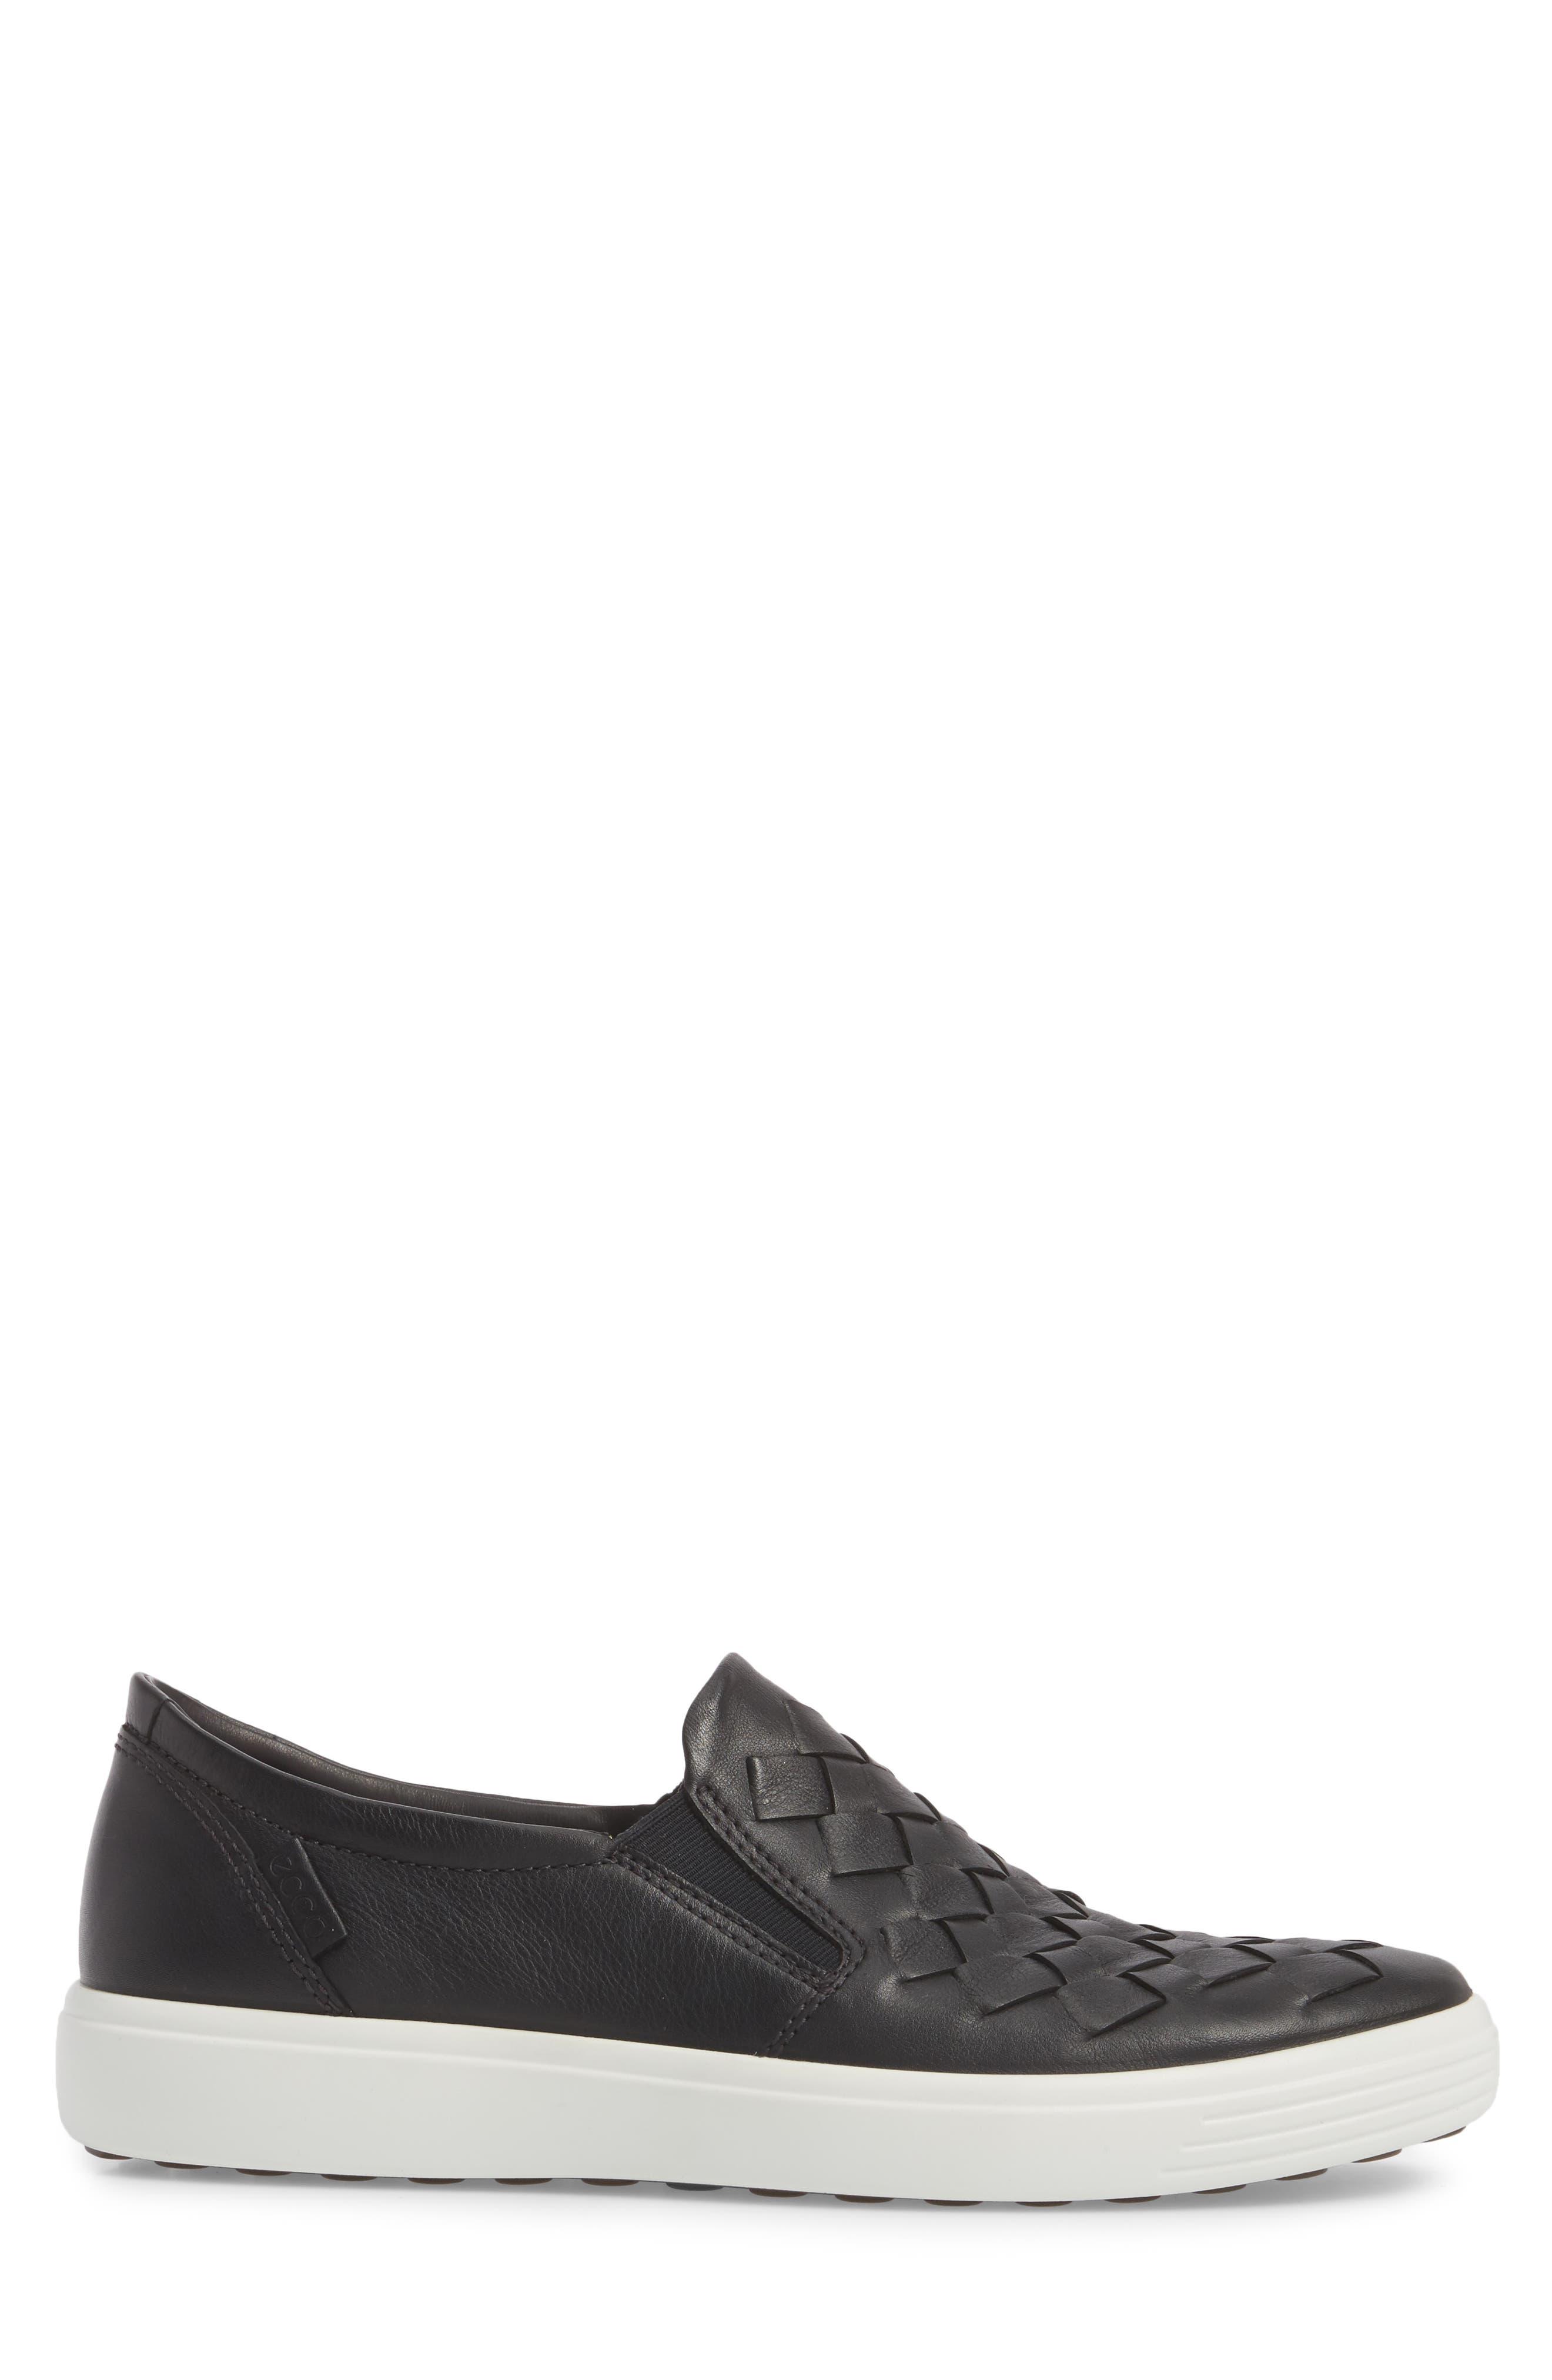 Soft 7 Woven Slip-On Sneaker,                             Alternate thumbnail 3, color,                             BLACK LEATHER